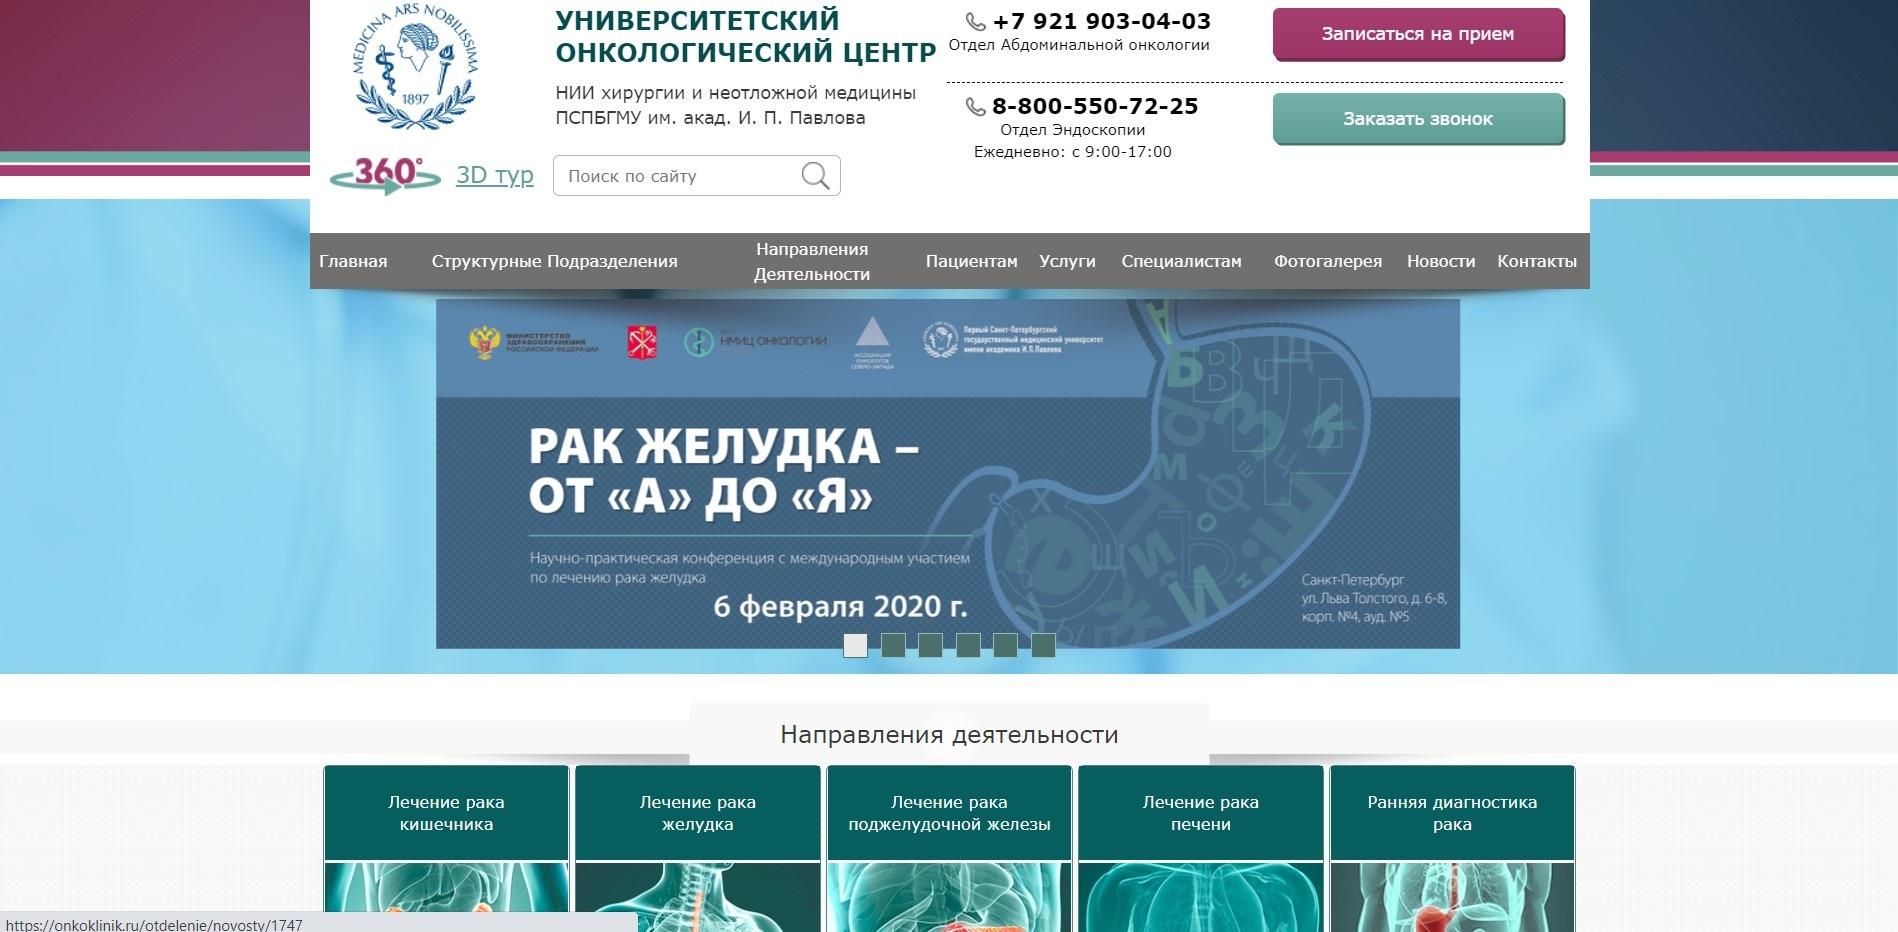 Университетский онкологический центр НИИ хирургии и неотложной медицины ПСПБГМУ им. акад. И. П. Павлова